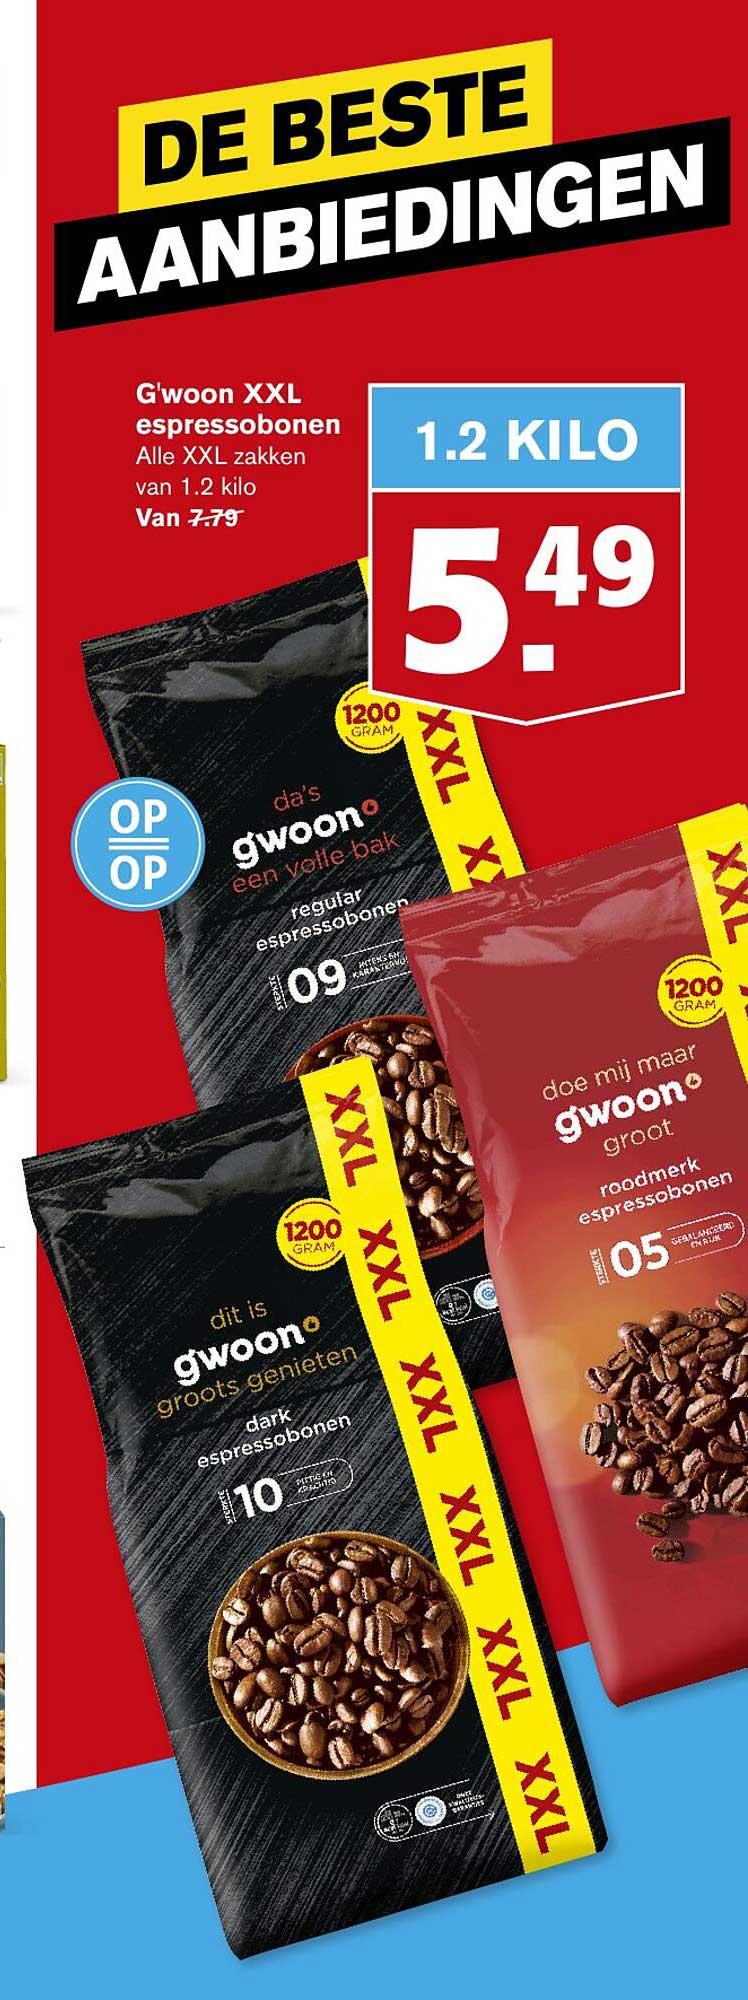 Hoogvliet G'woon XL Espressobonen